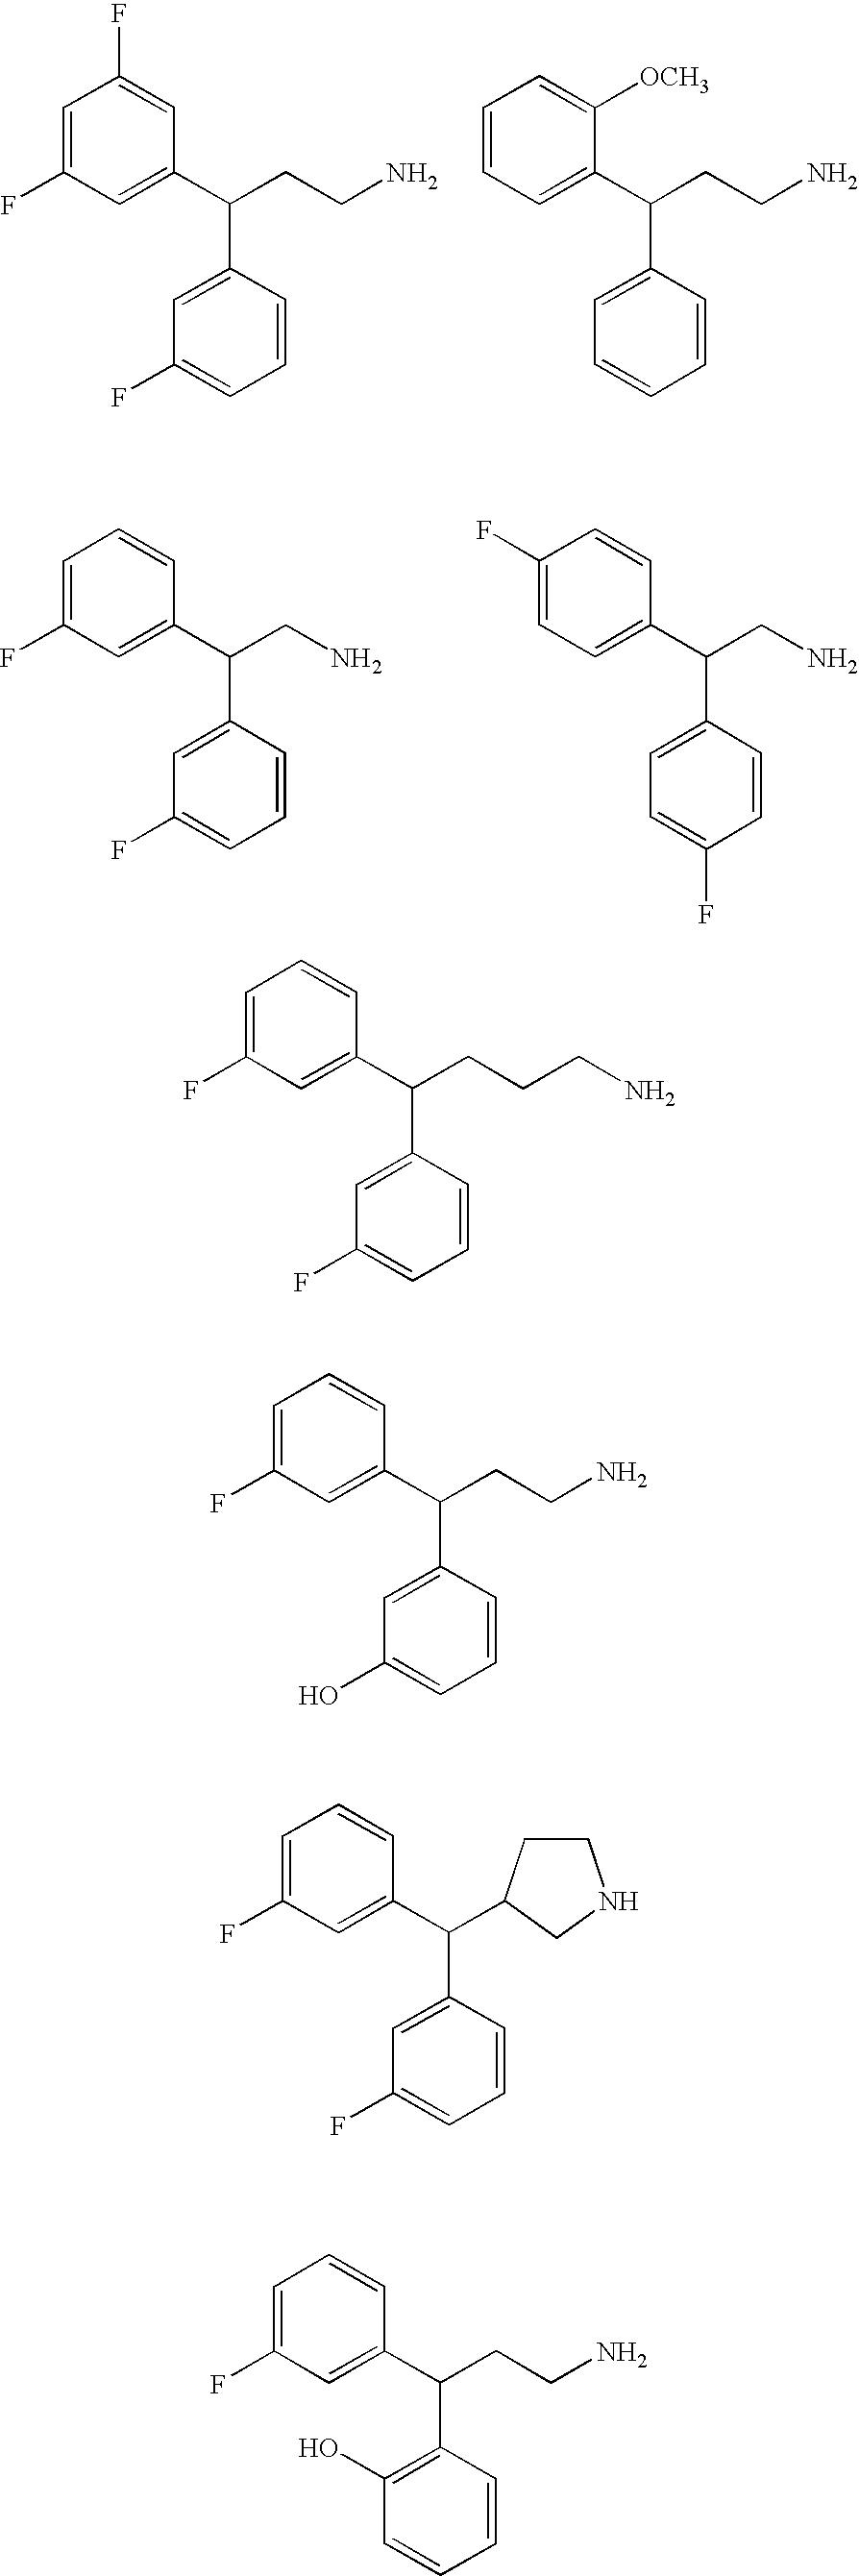 Figure US20050282859A1-20051222-C00048